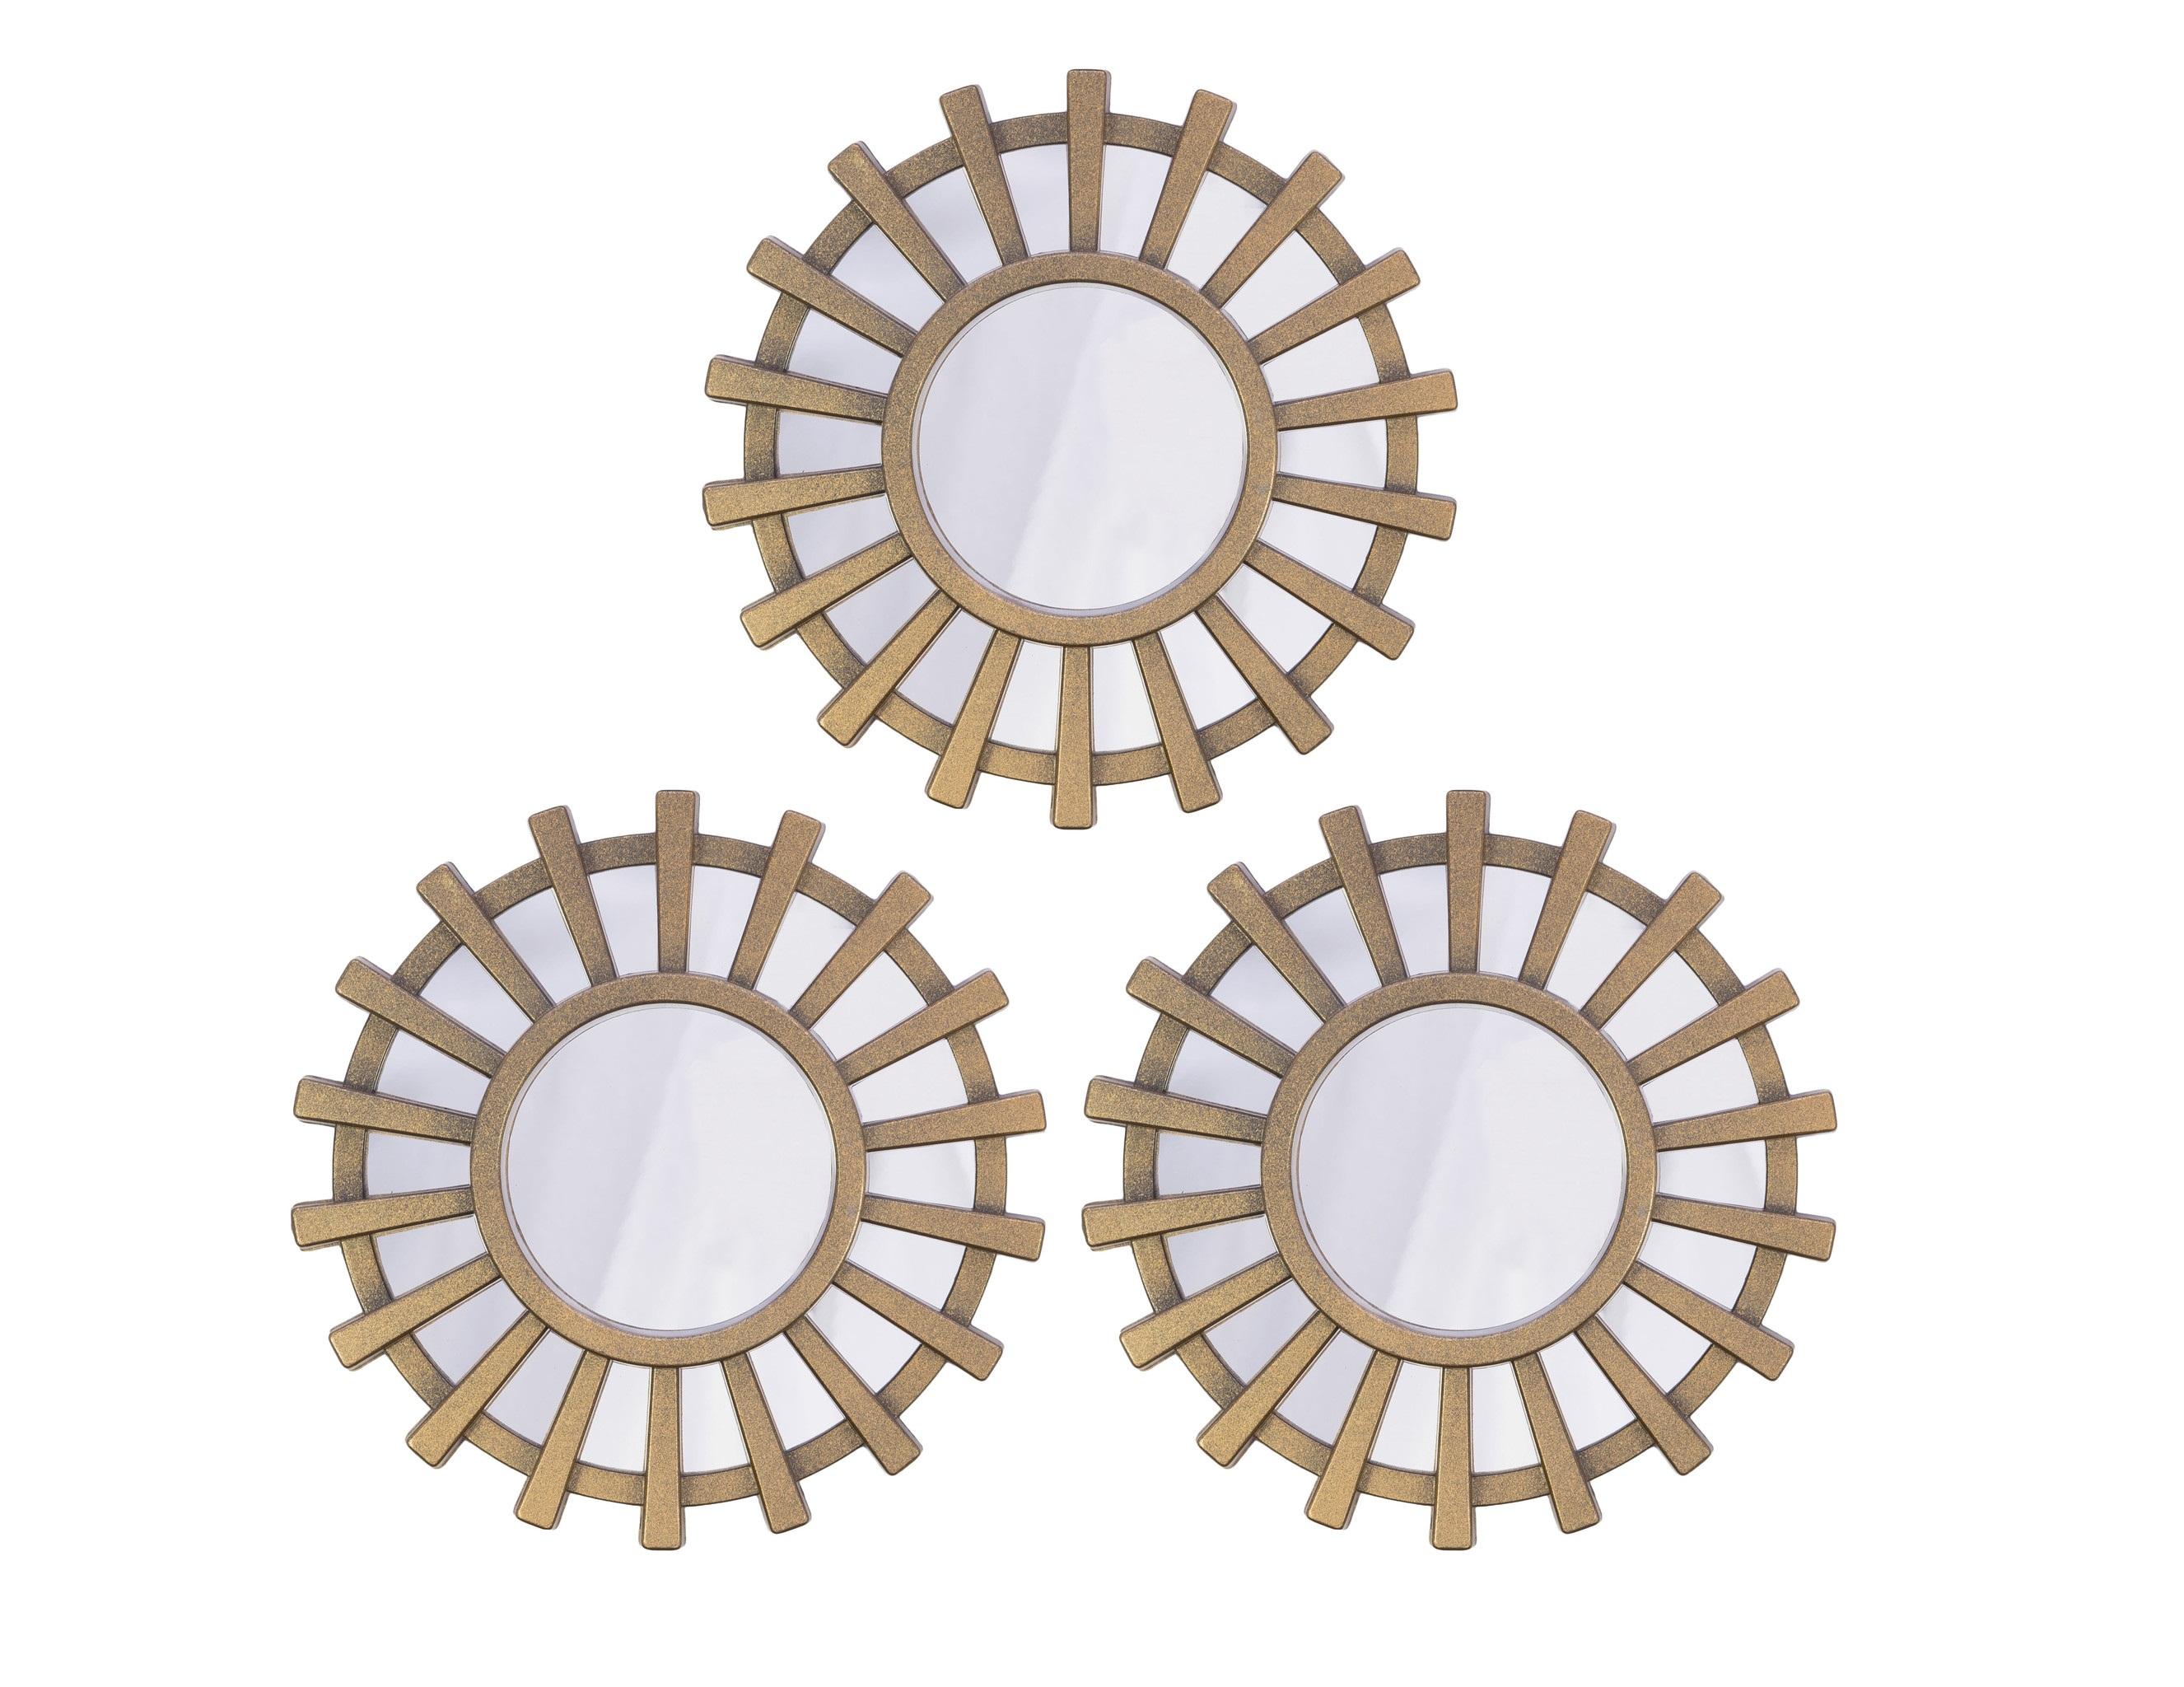 Зеркало настенное Berg (3шт)Настенные зеркала<br>Размеры: 3х (25 Х 25 Х 2)<br><br>Material: Пластик<br>Depth см: 2<br>Diameter см: 25